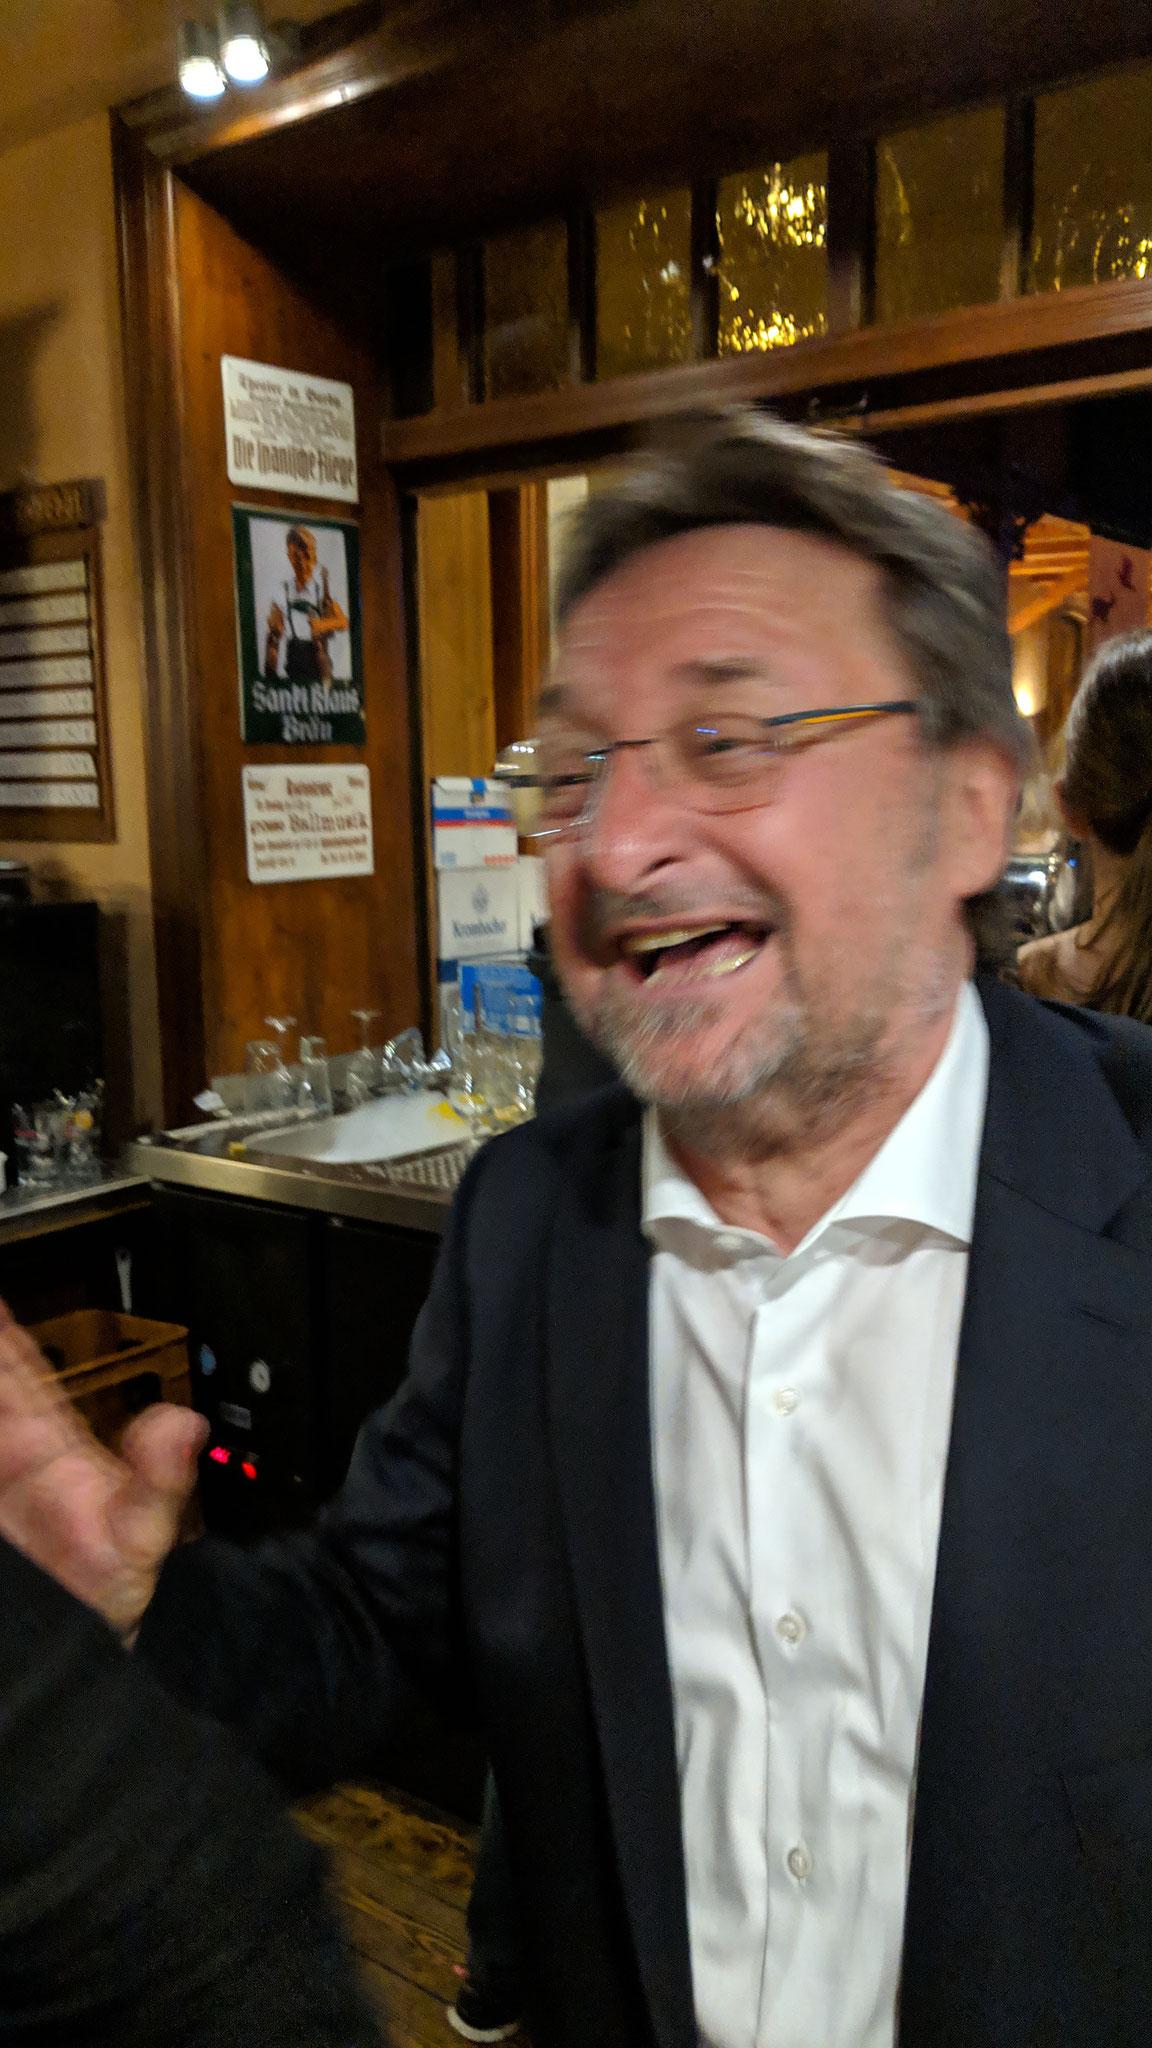 Werner Sinast- Wenns läuft, dann läufts!